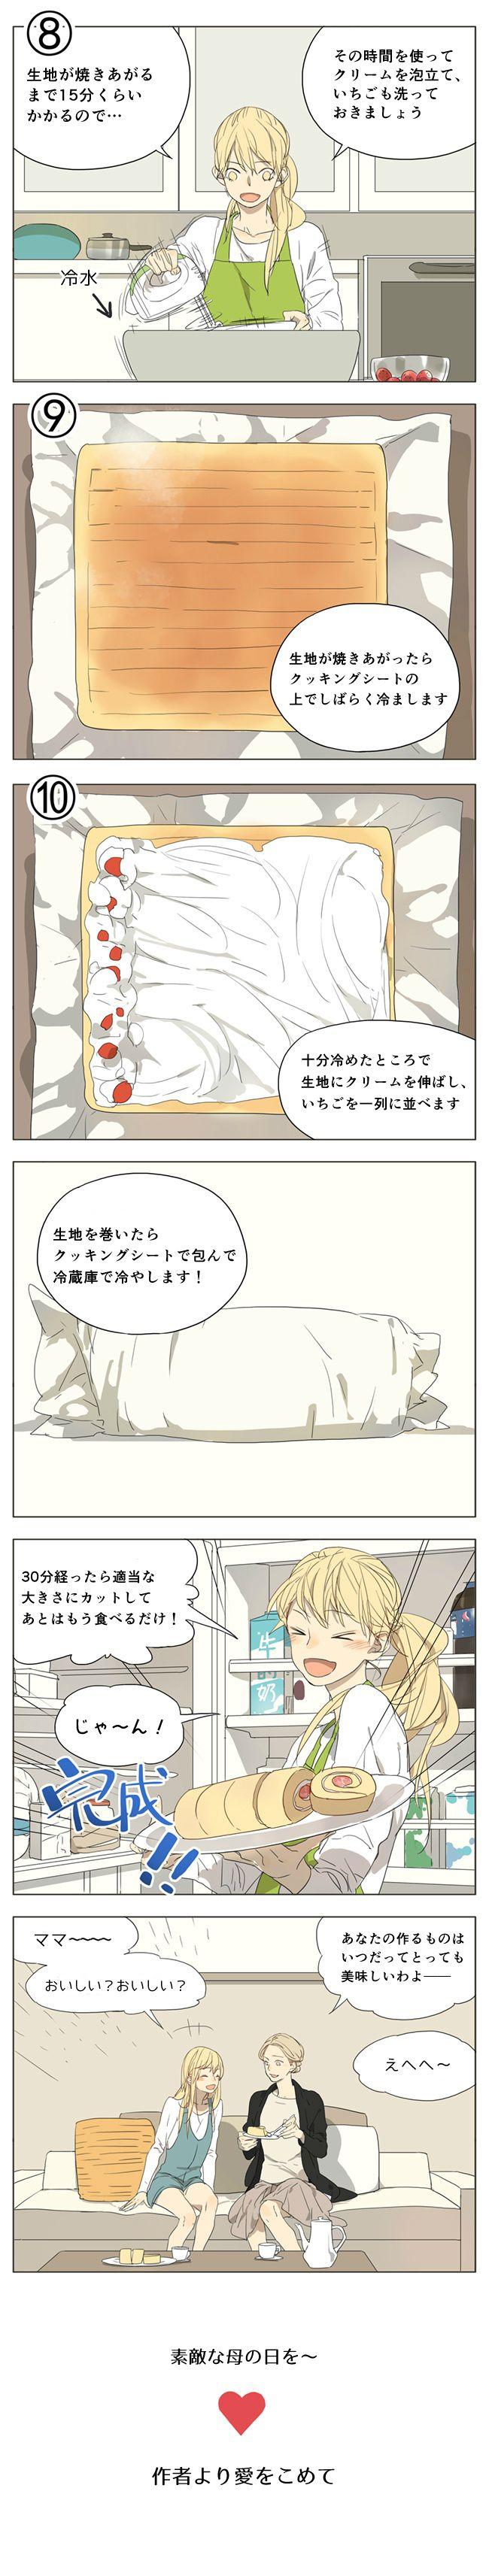 她们的故事/坛九/their story/tanjiu/彼女たちの物語/日本語に訳してみた/クッキング②